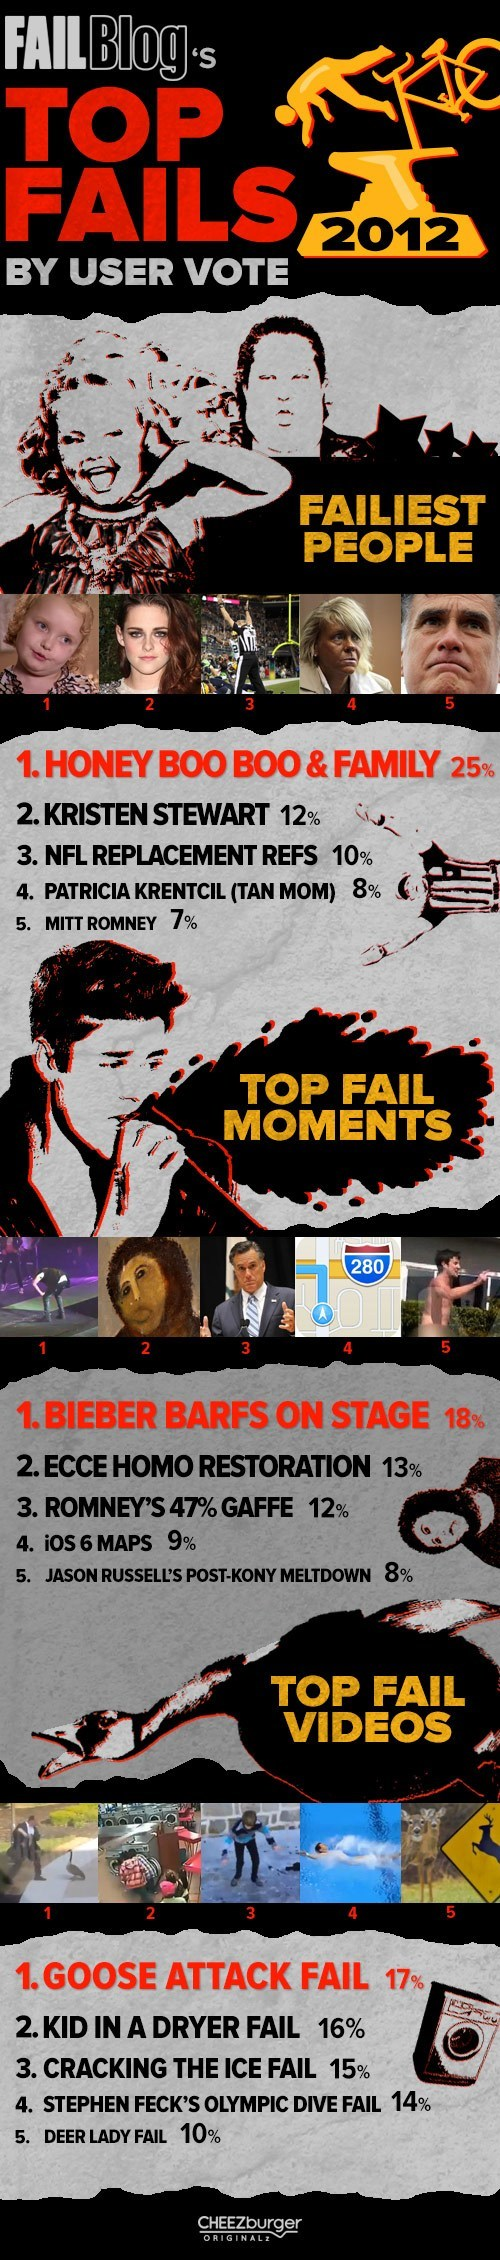 Top FAILs 2012